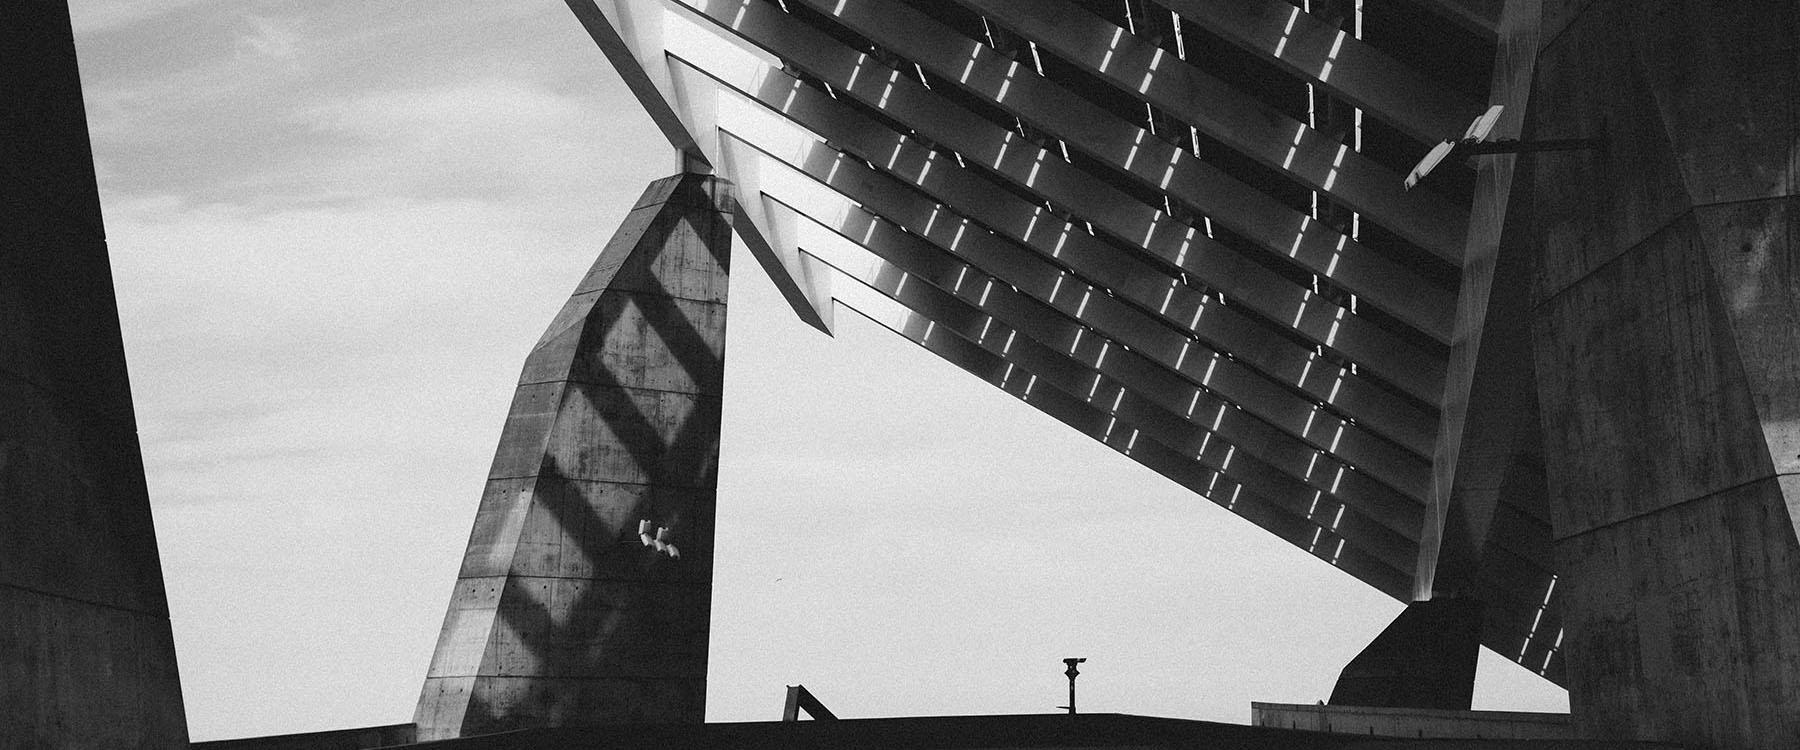 PhotoWalk | Forum Barcelona & Solar Panel